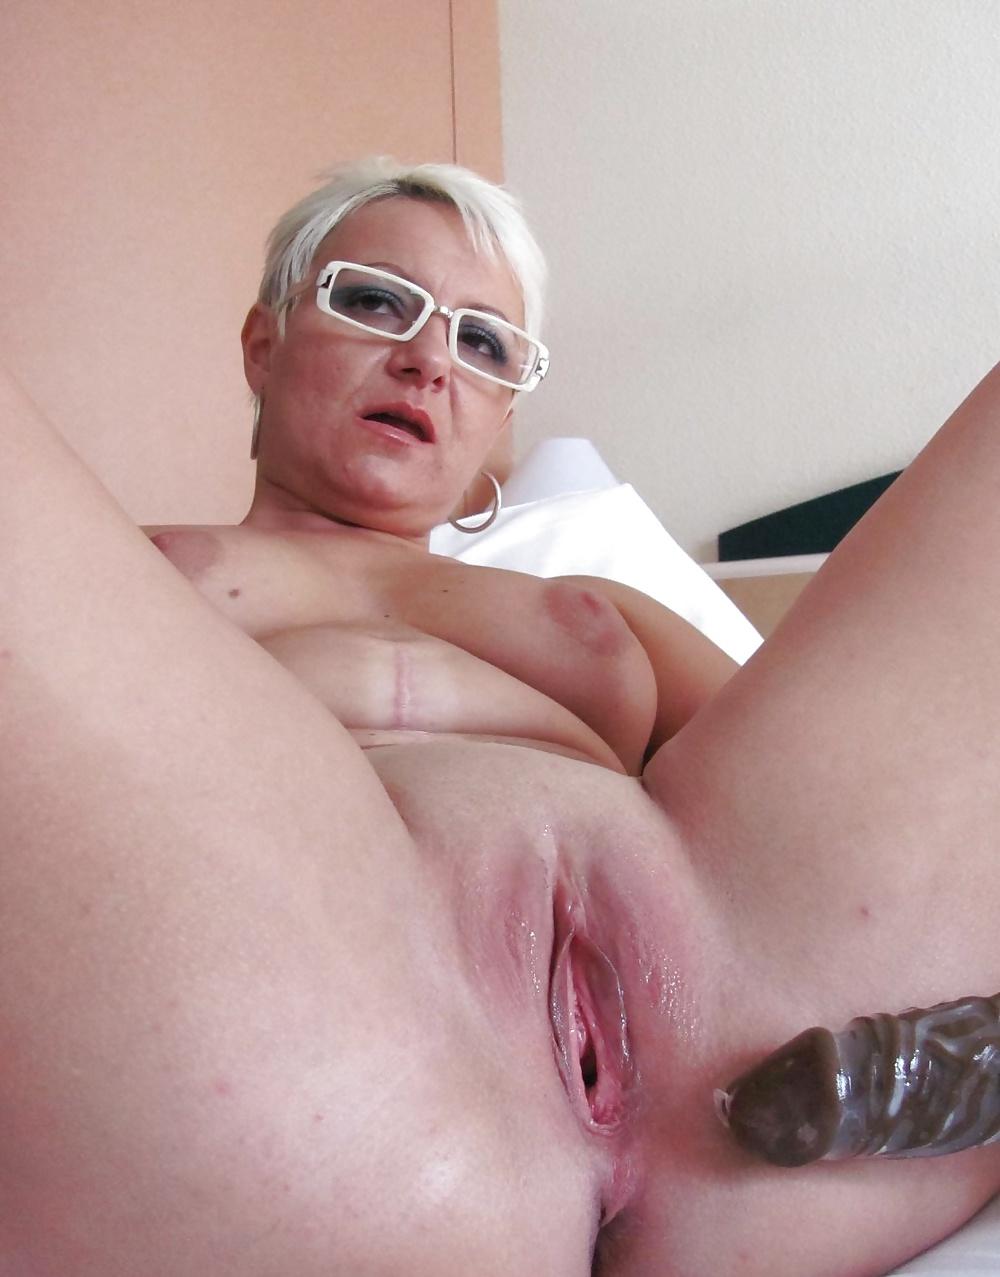 Mutter spielt mit Penis in Baden-Wüttemberg - Bild 10